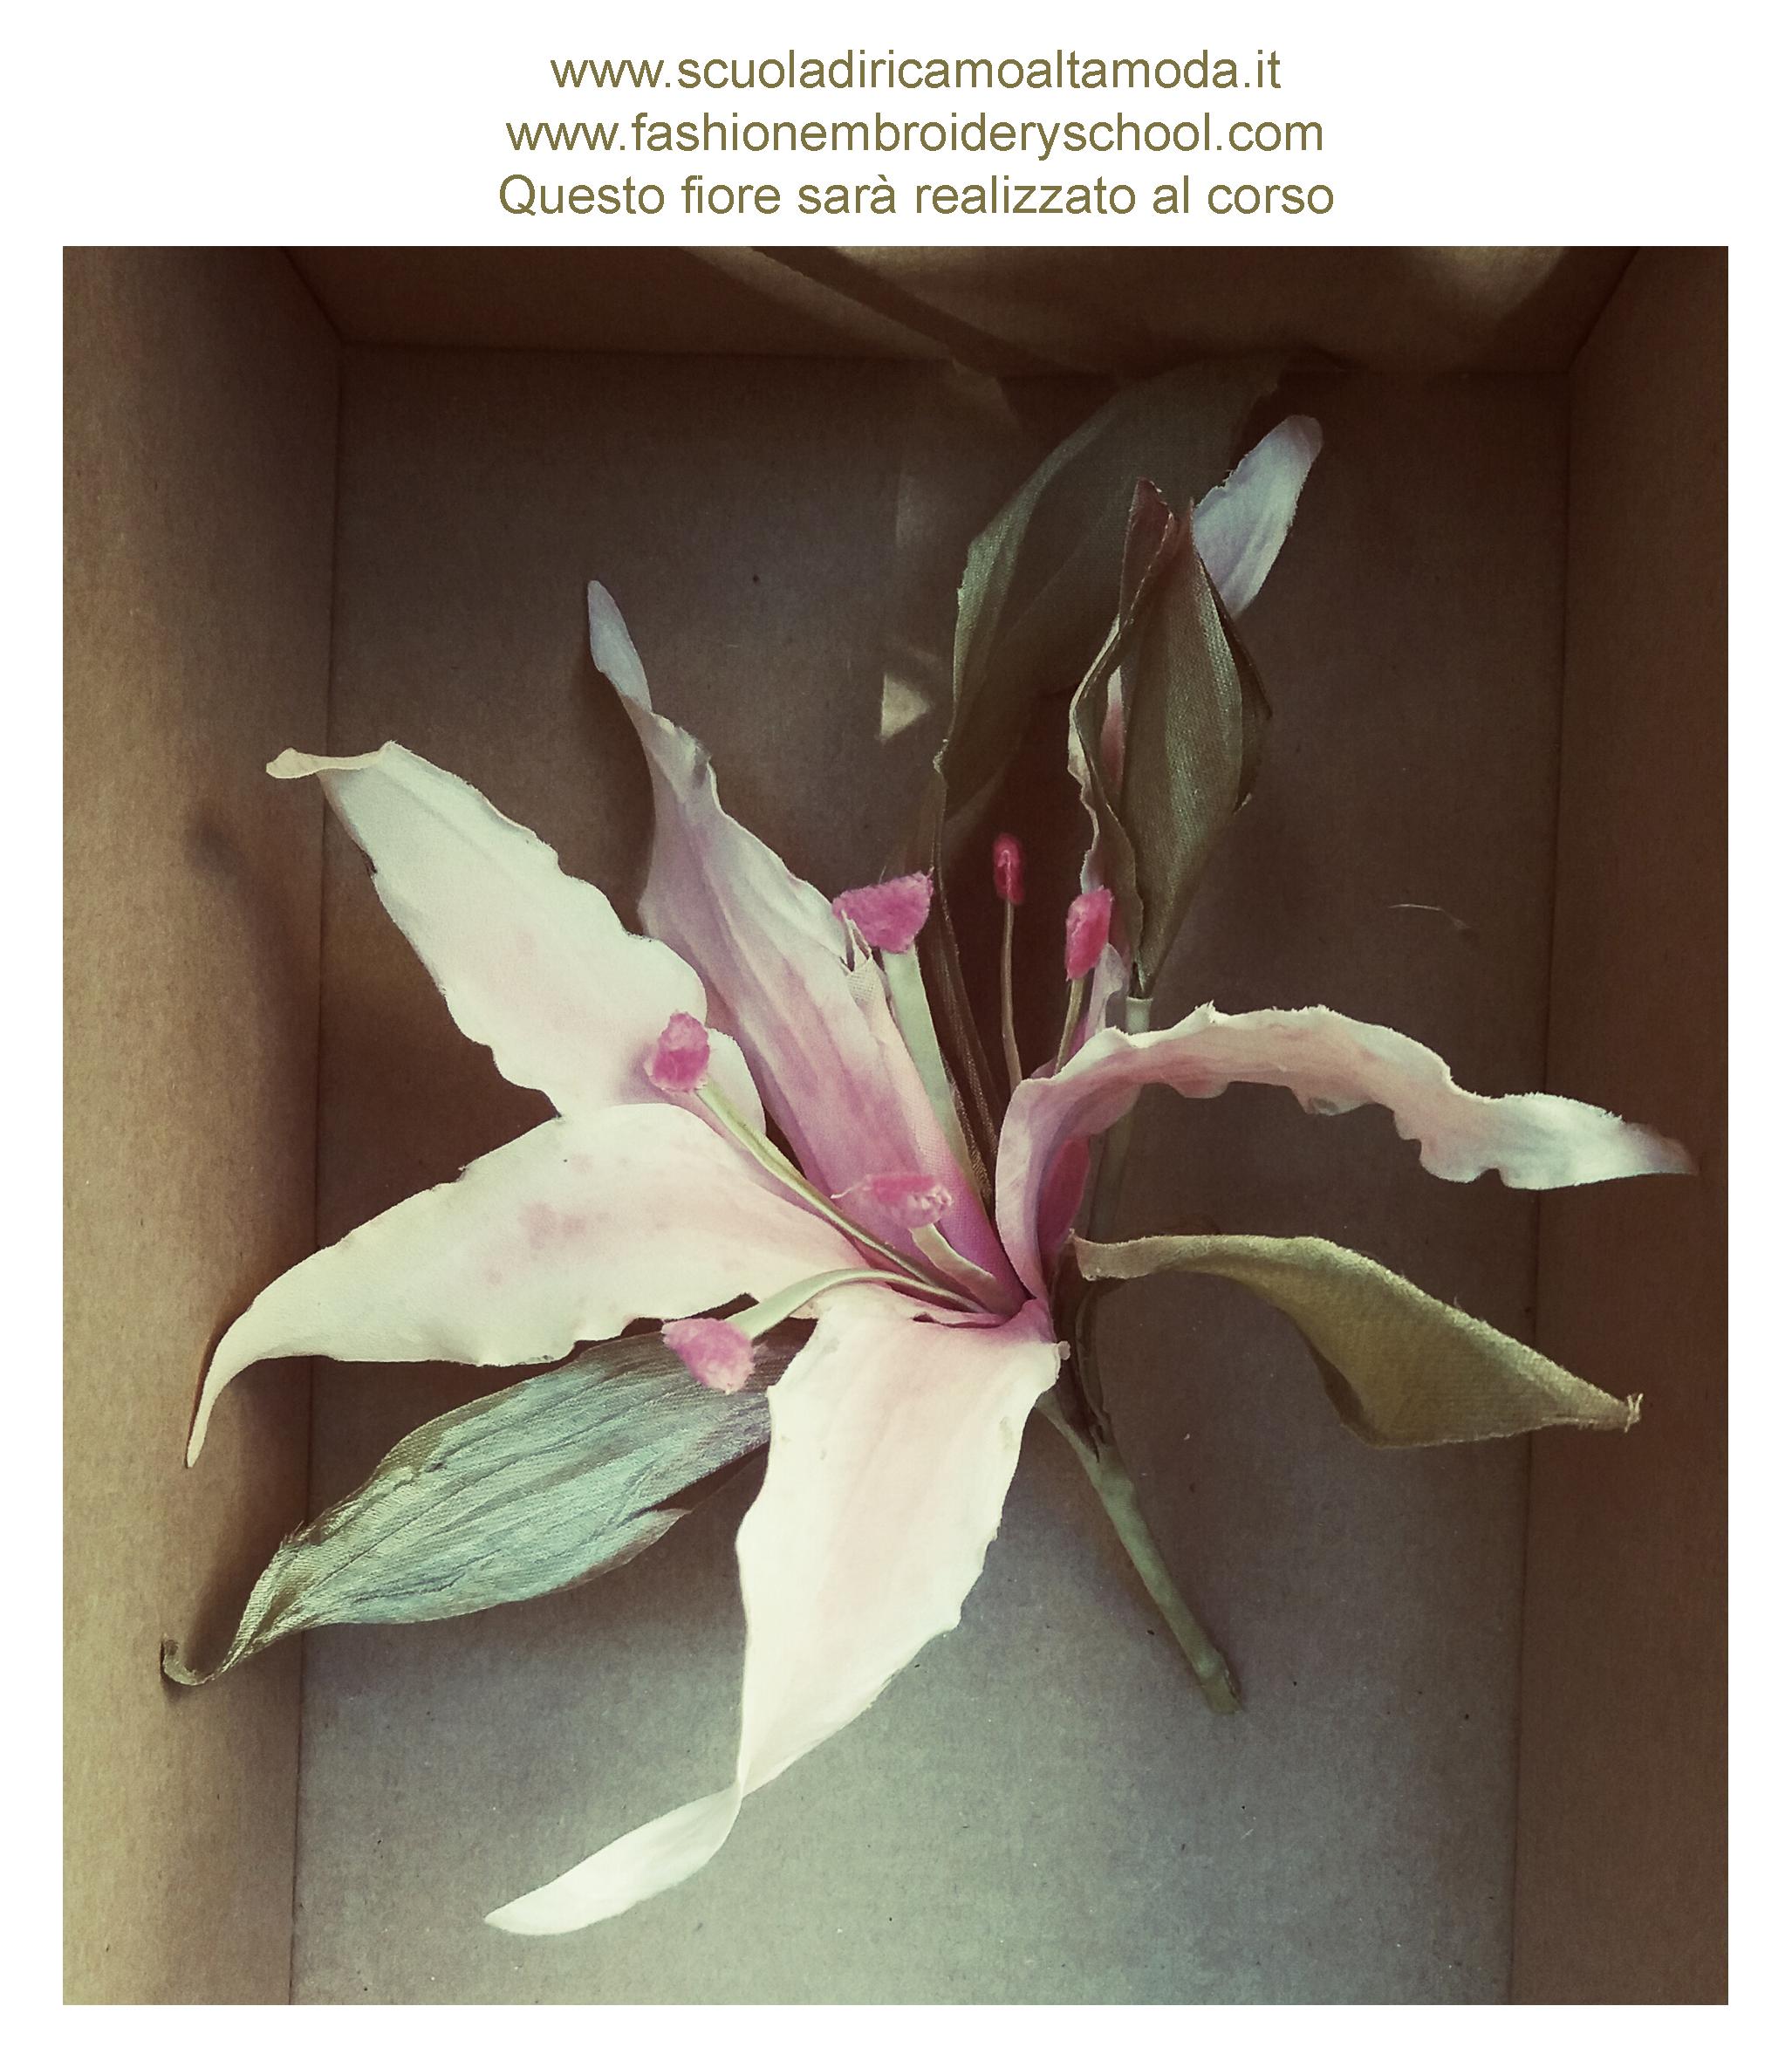 Corso di fiori in seta